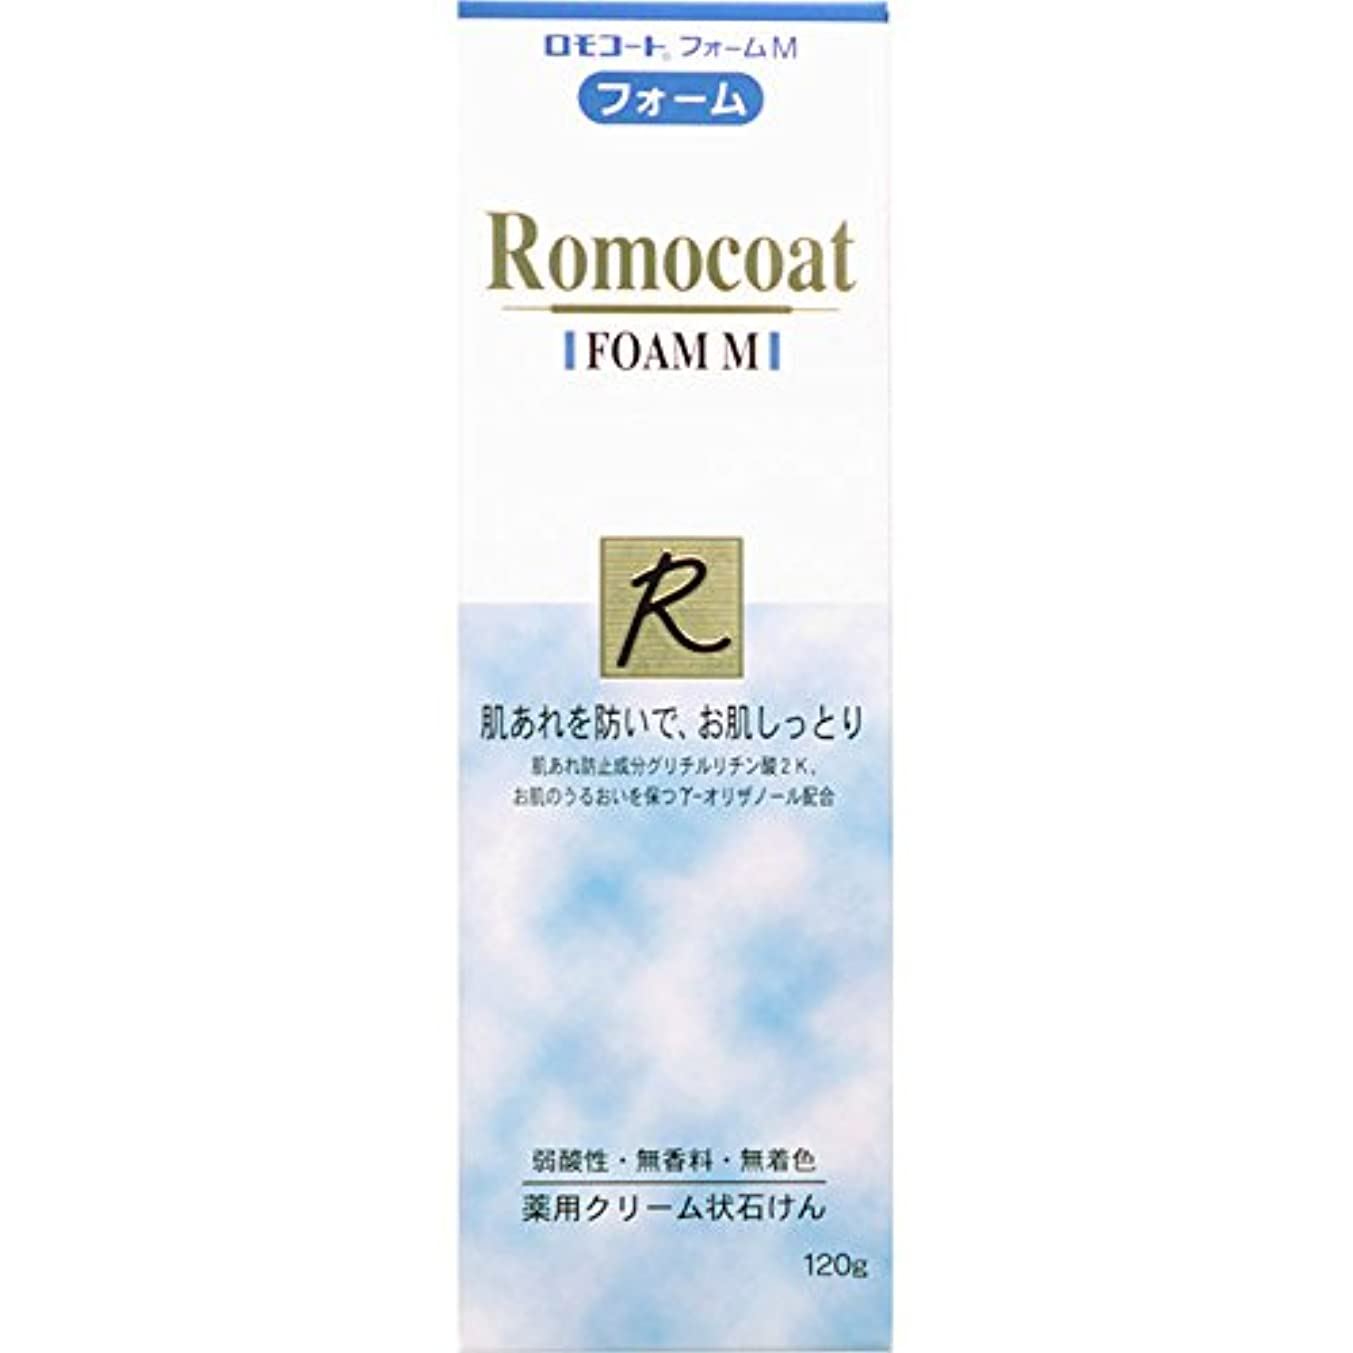 ロモコートフォームM 120g【医薬部外品】